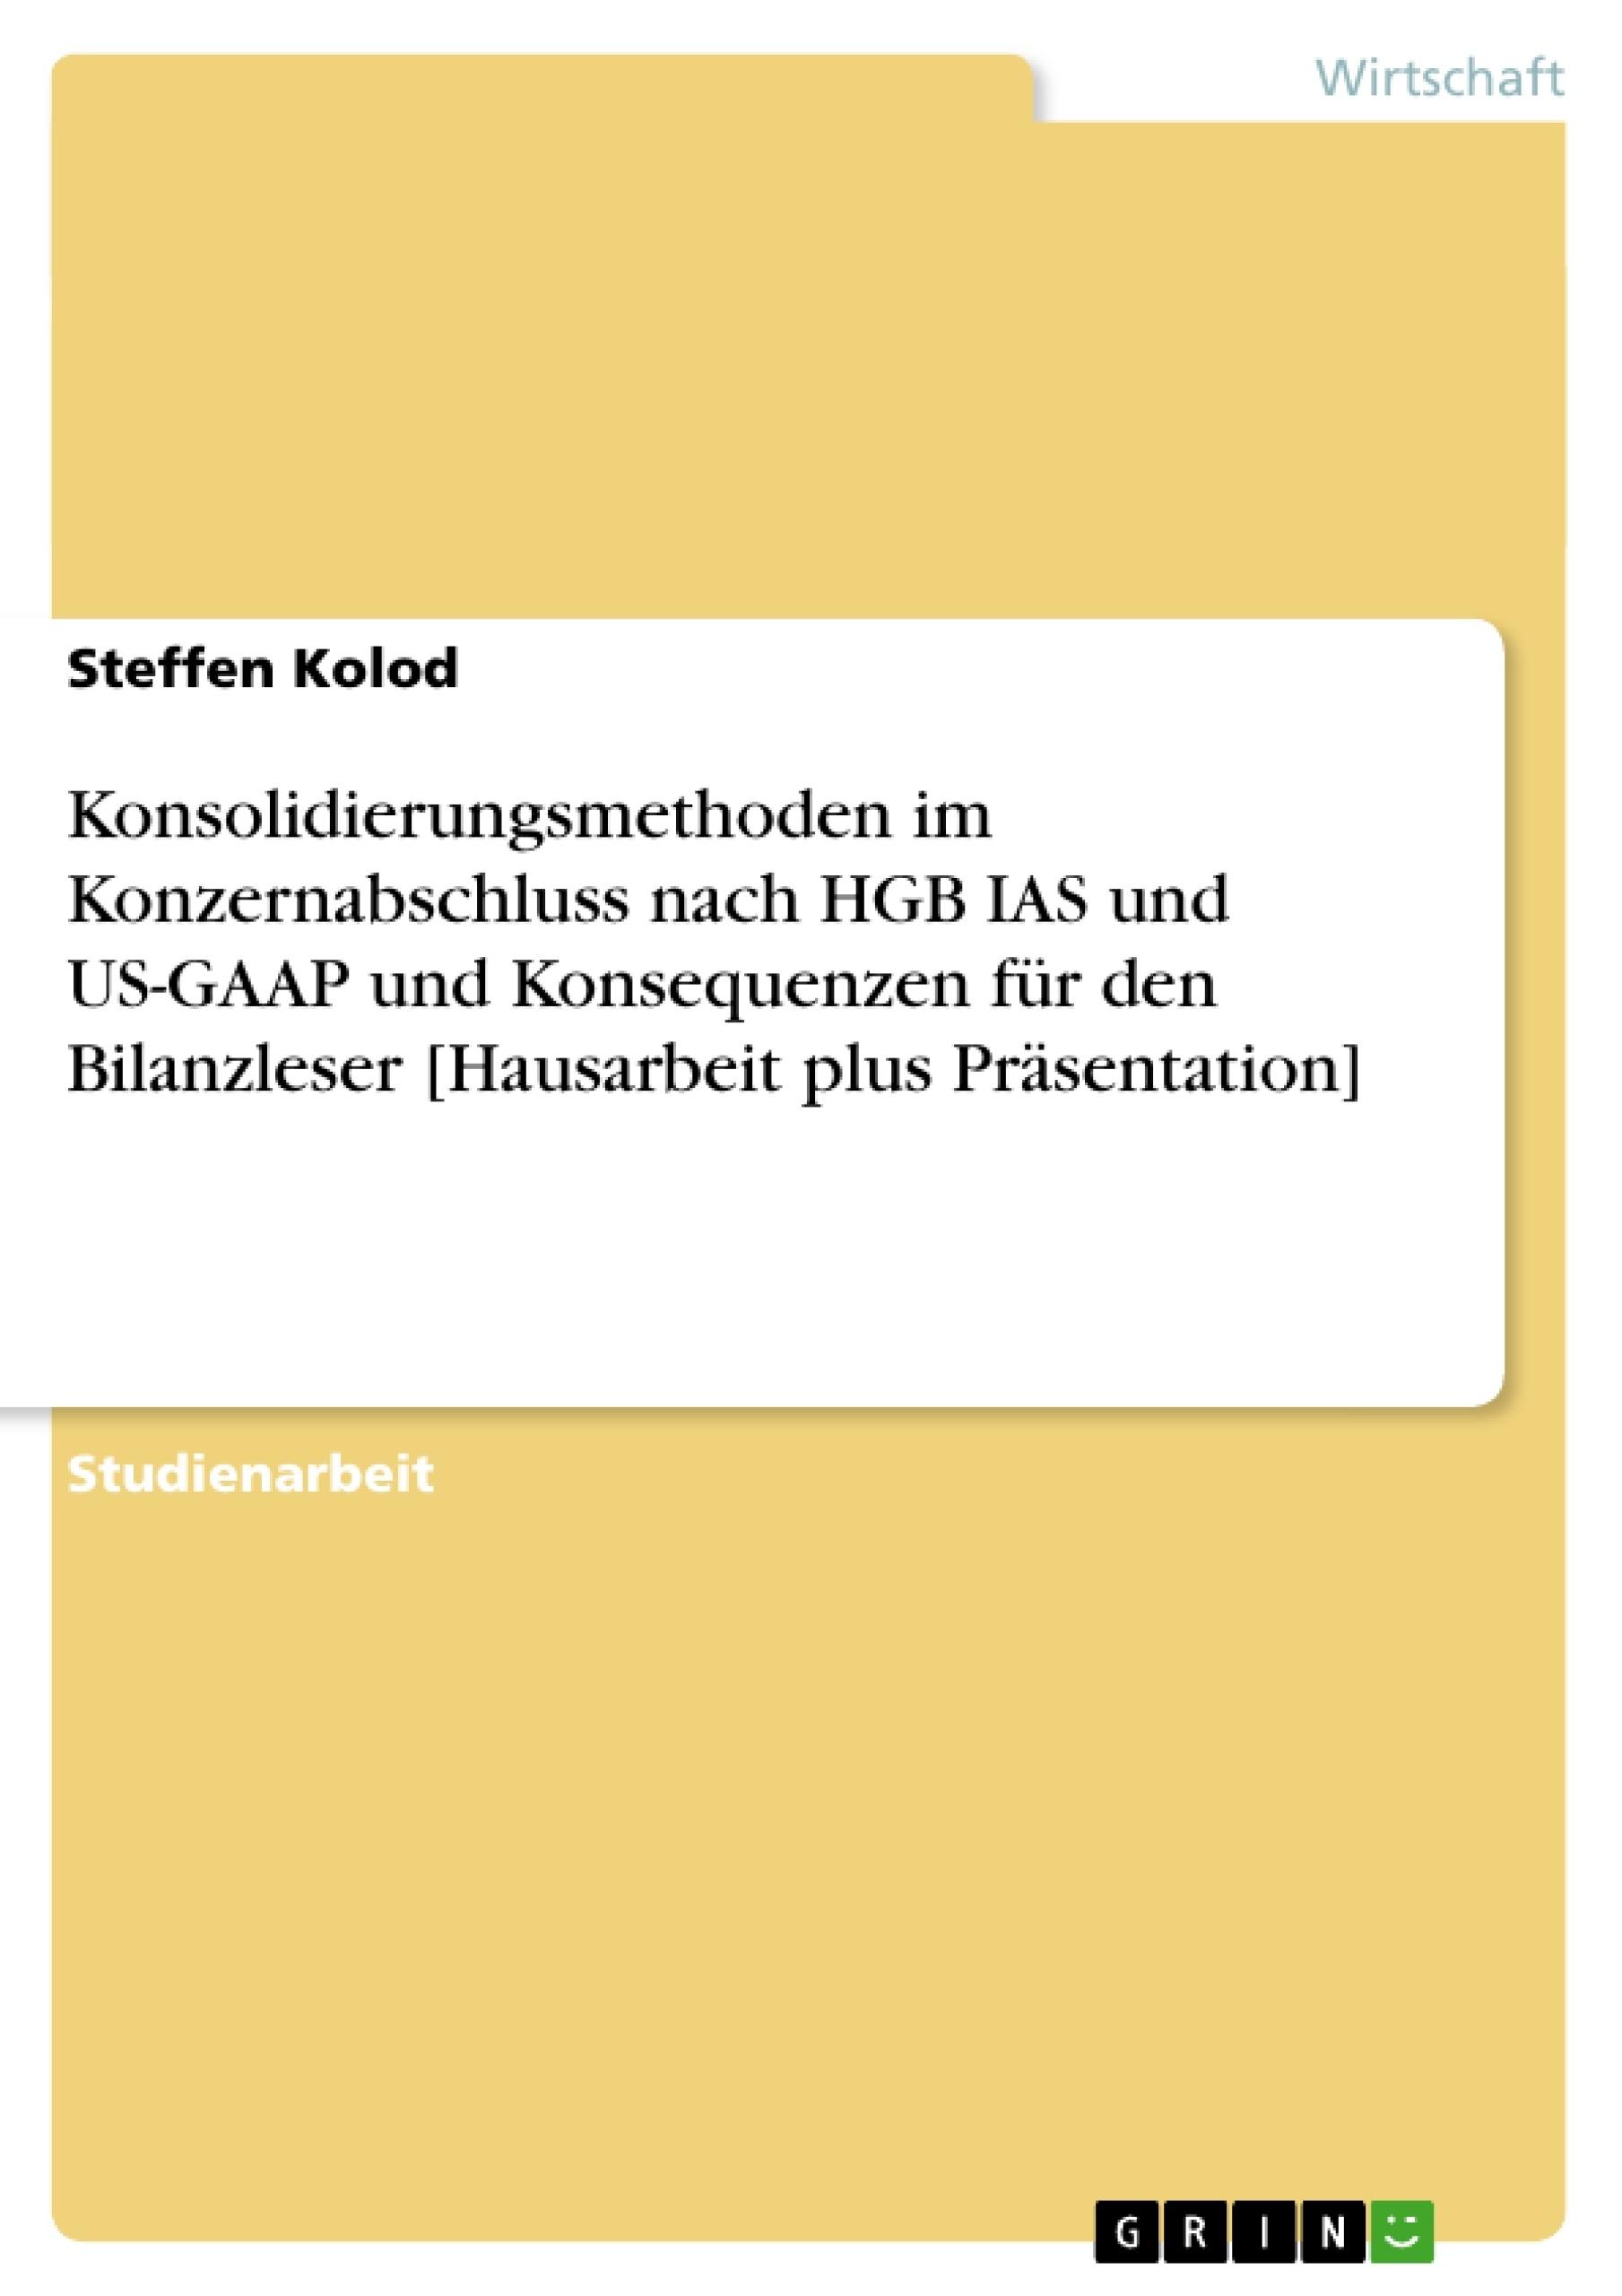 Titel: Konsolidierungsmethoden im Konzernabschluss nach HGB IAS und US-GAAP und Konsequenzen für den Bilanzleser [Hausarbeit plus Präsentation]